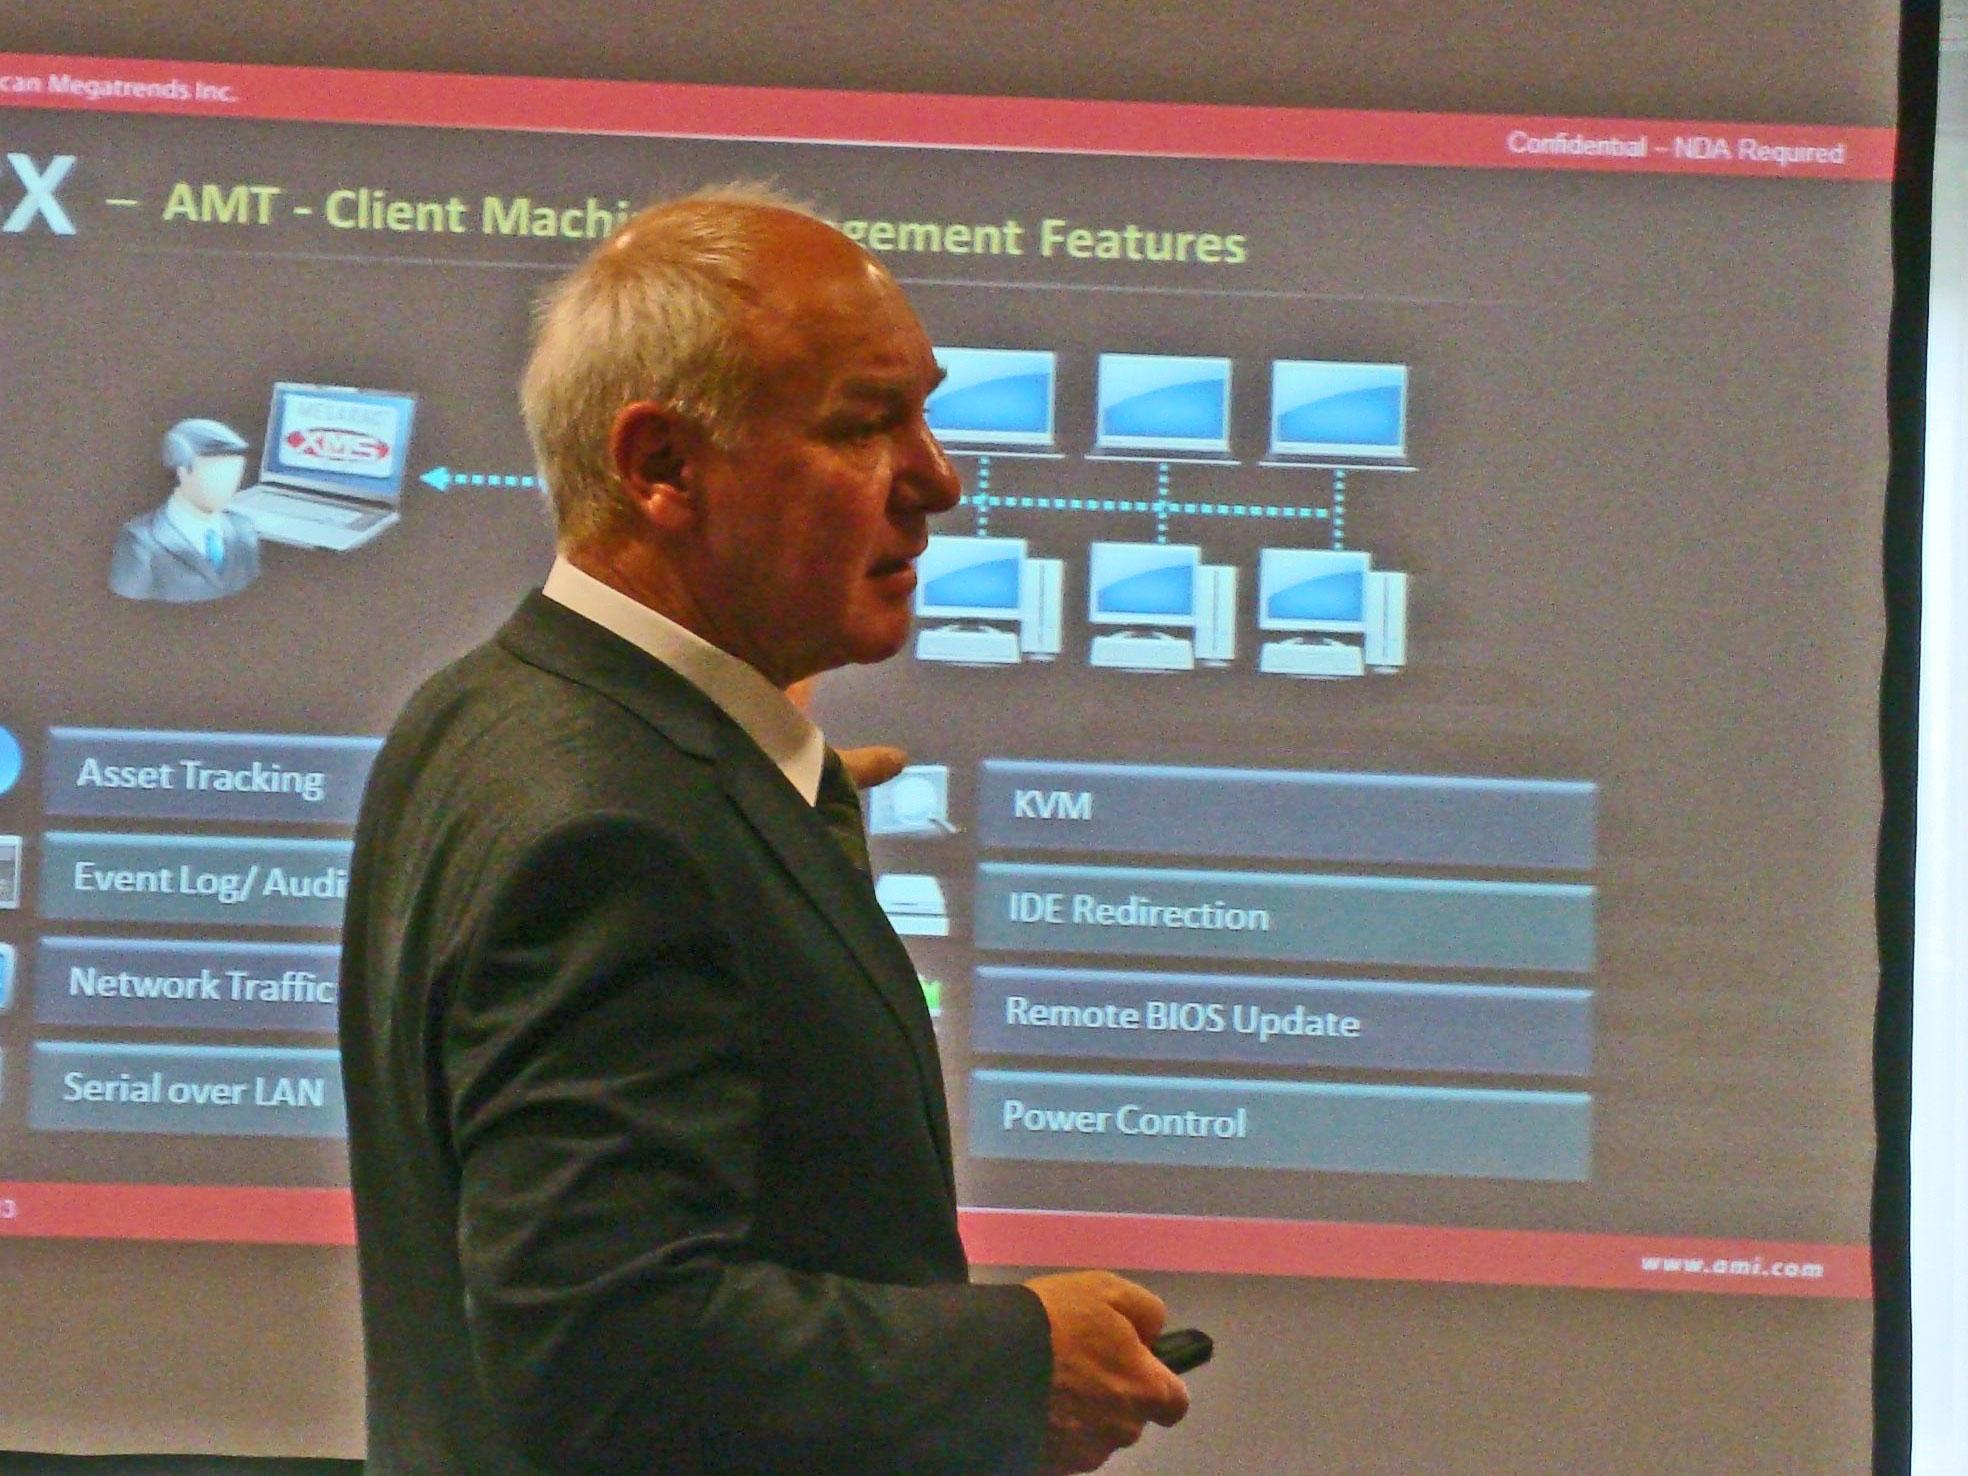 """""""Anwender können Embedded-Clients jetzt endlich einfach aus dem Hintergrund verwalten, auch wenn das Betriebssystem nicht mehr läuft"""", Winfried Rudolf Pröhl, Geschäftsführer AMI GmbH. Quelle: A. Rüdiger"""